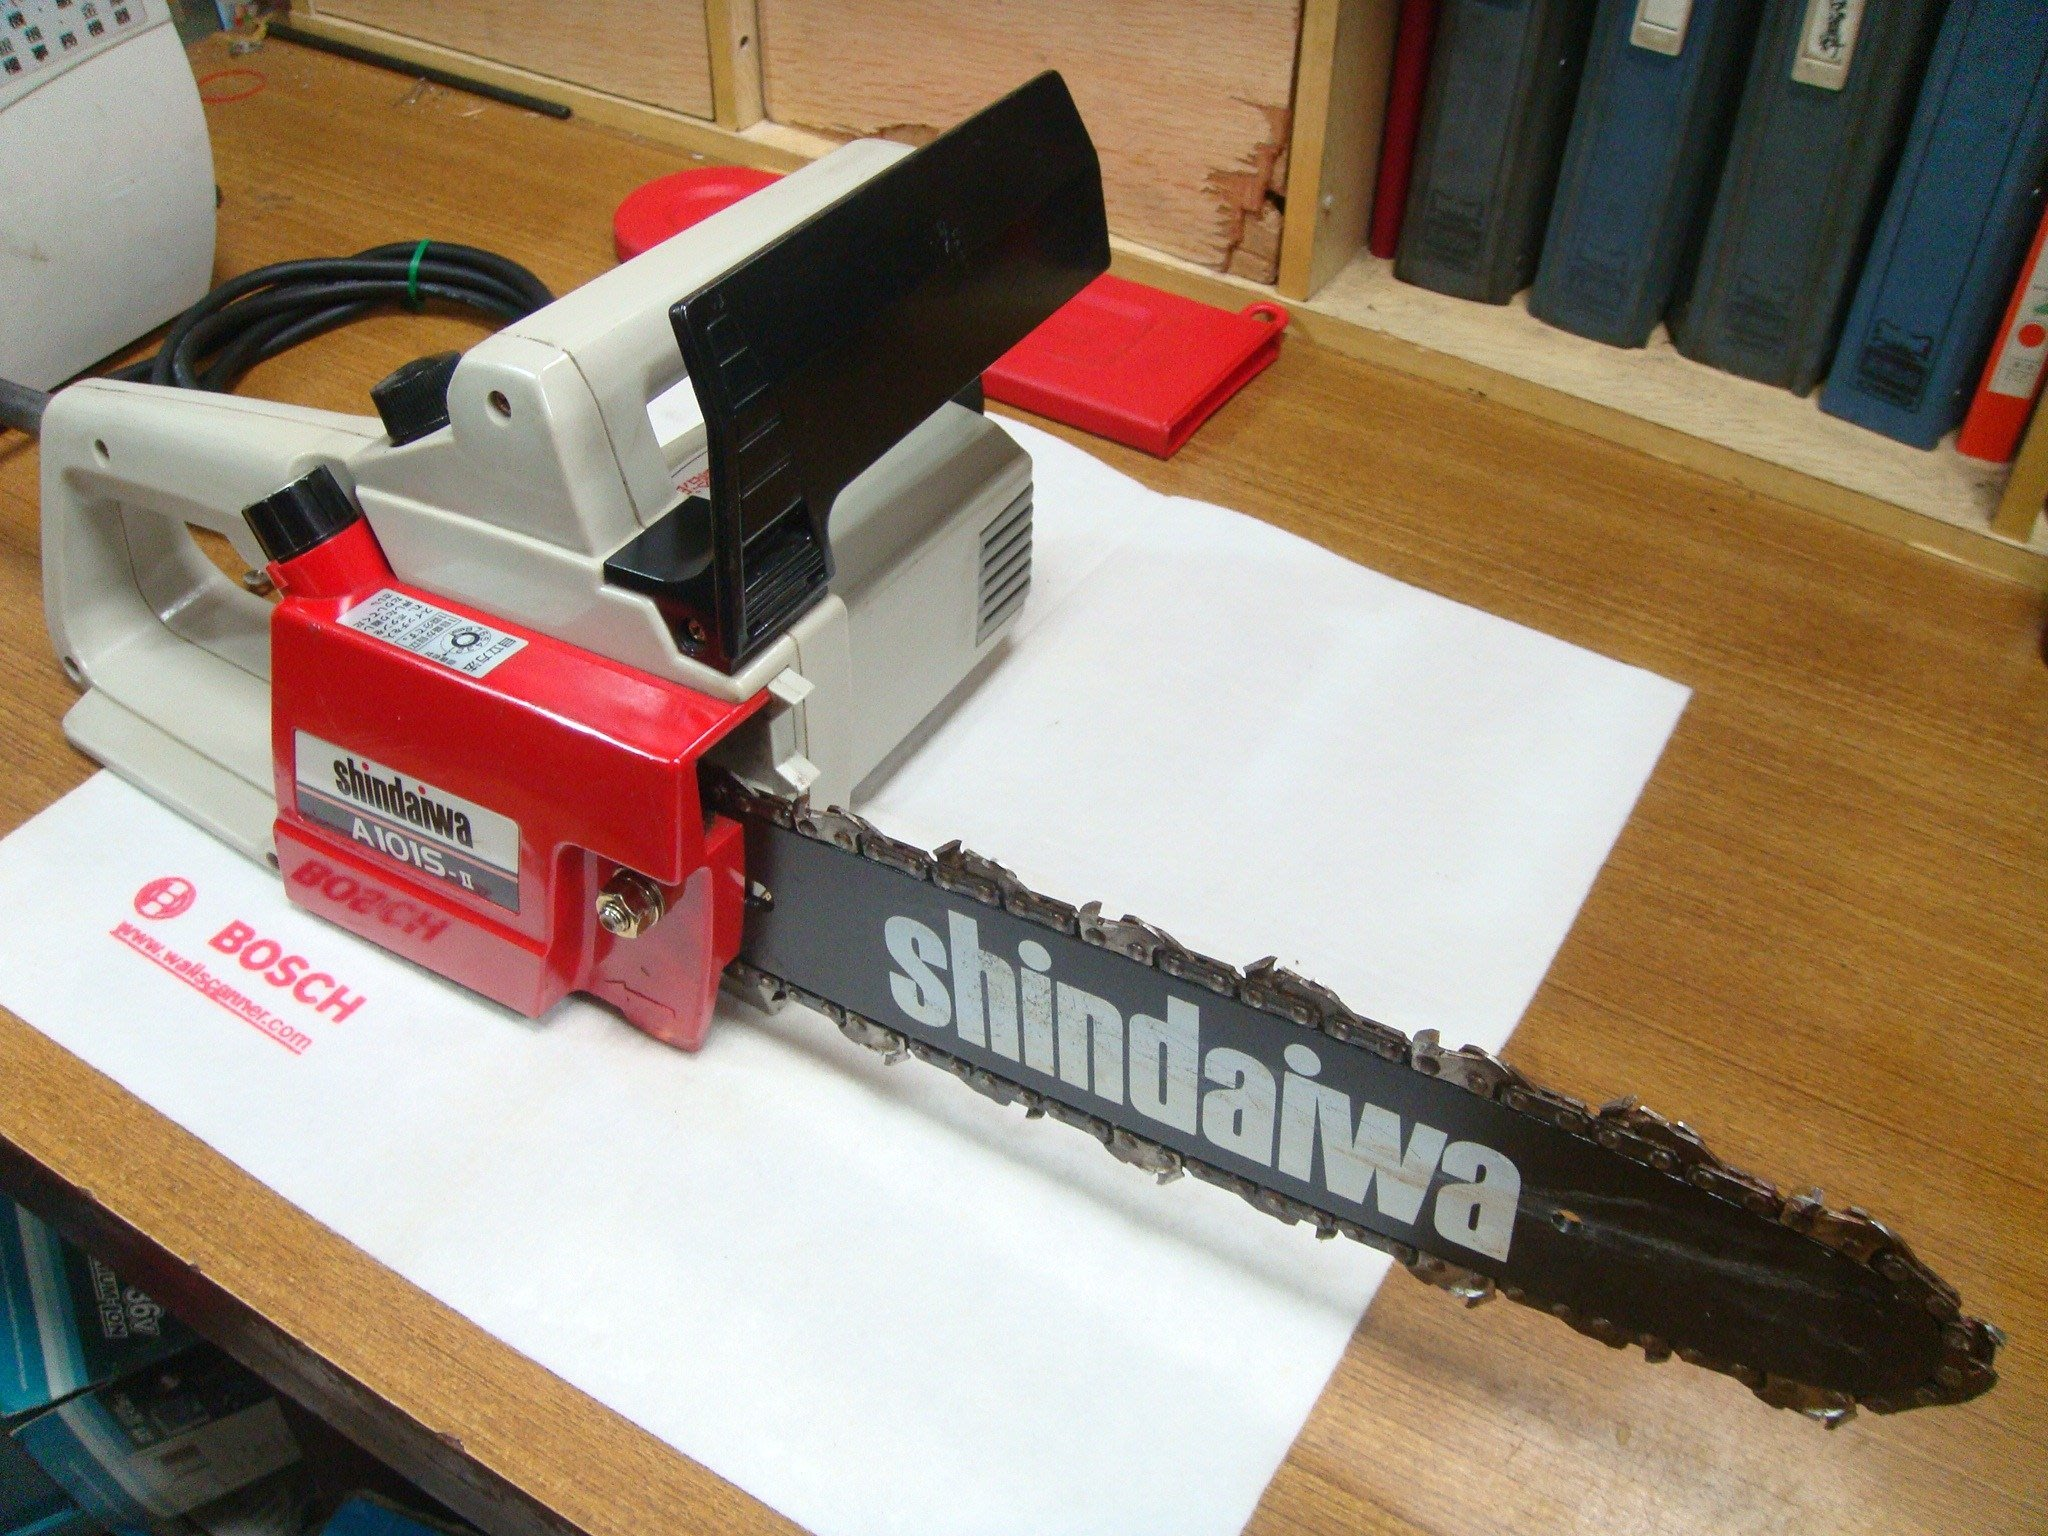 外匯嚴選shindaiwa A101S 新大和 電動鏈鋸機 12 / 中古/二手/日本原裝